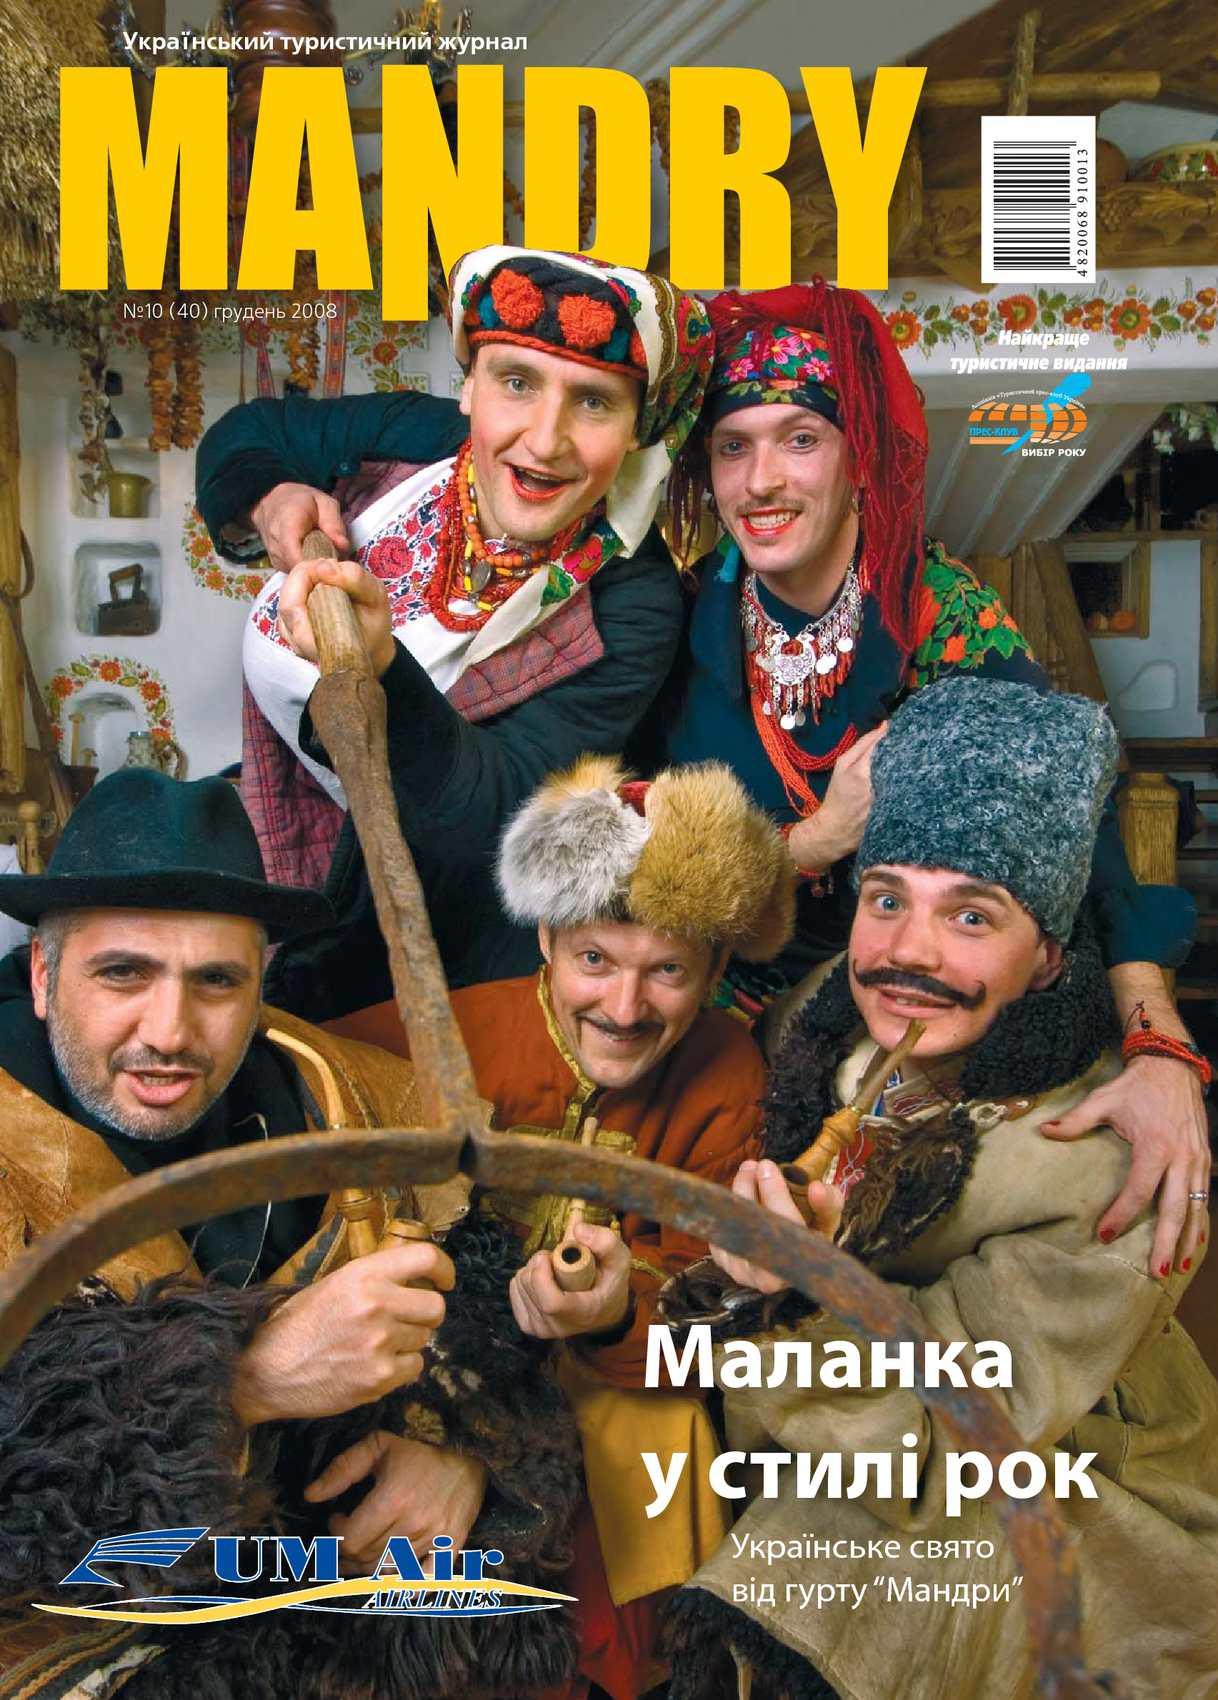 Мандри №40 2008